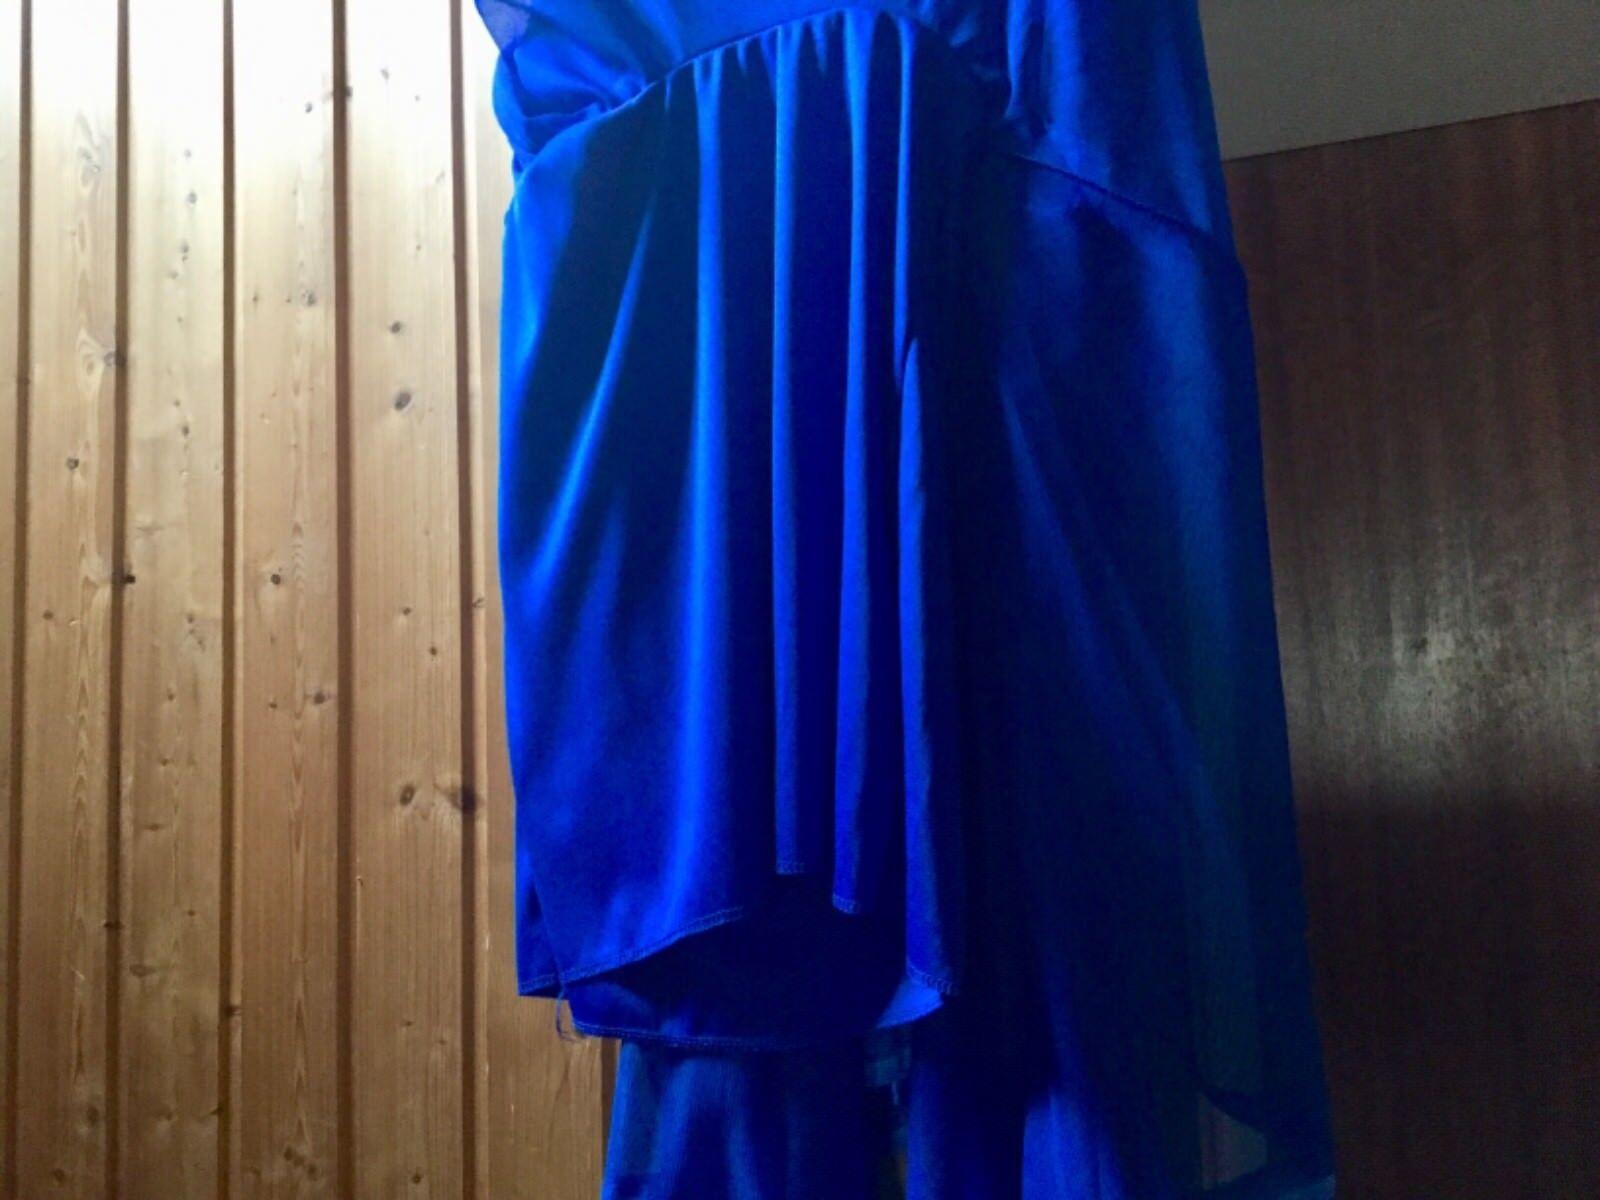 Abendkleid midi royal blau electric Blau Party Abiballkleid Abiballkleid Abiballkleid Gr.36 HIT TREND NEUw   | Authentische Garantie  | Konzentrieren Sie sich auf das Babyleben  | Elegante Form  6b0143